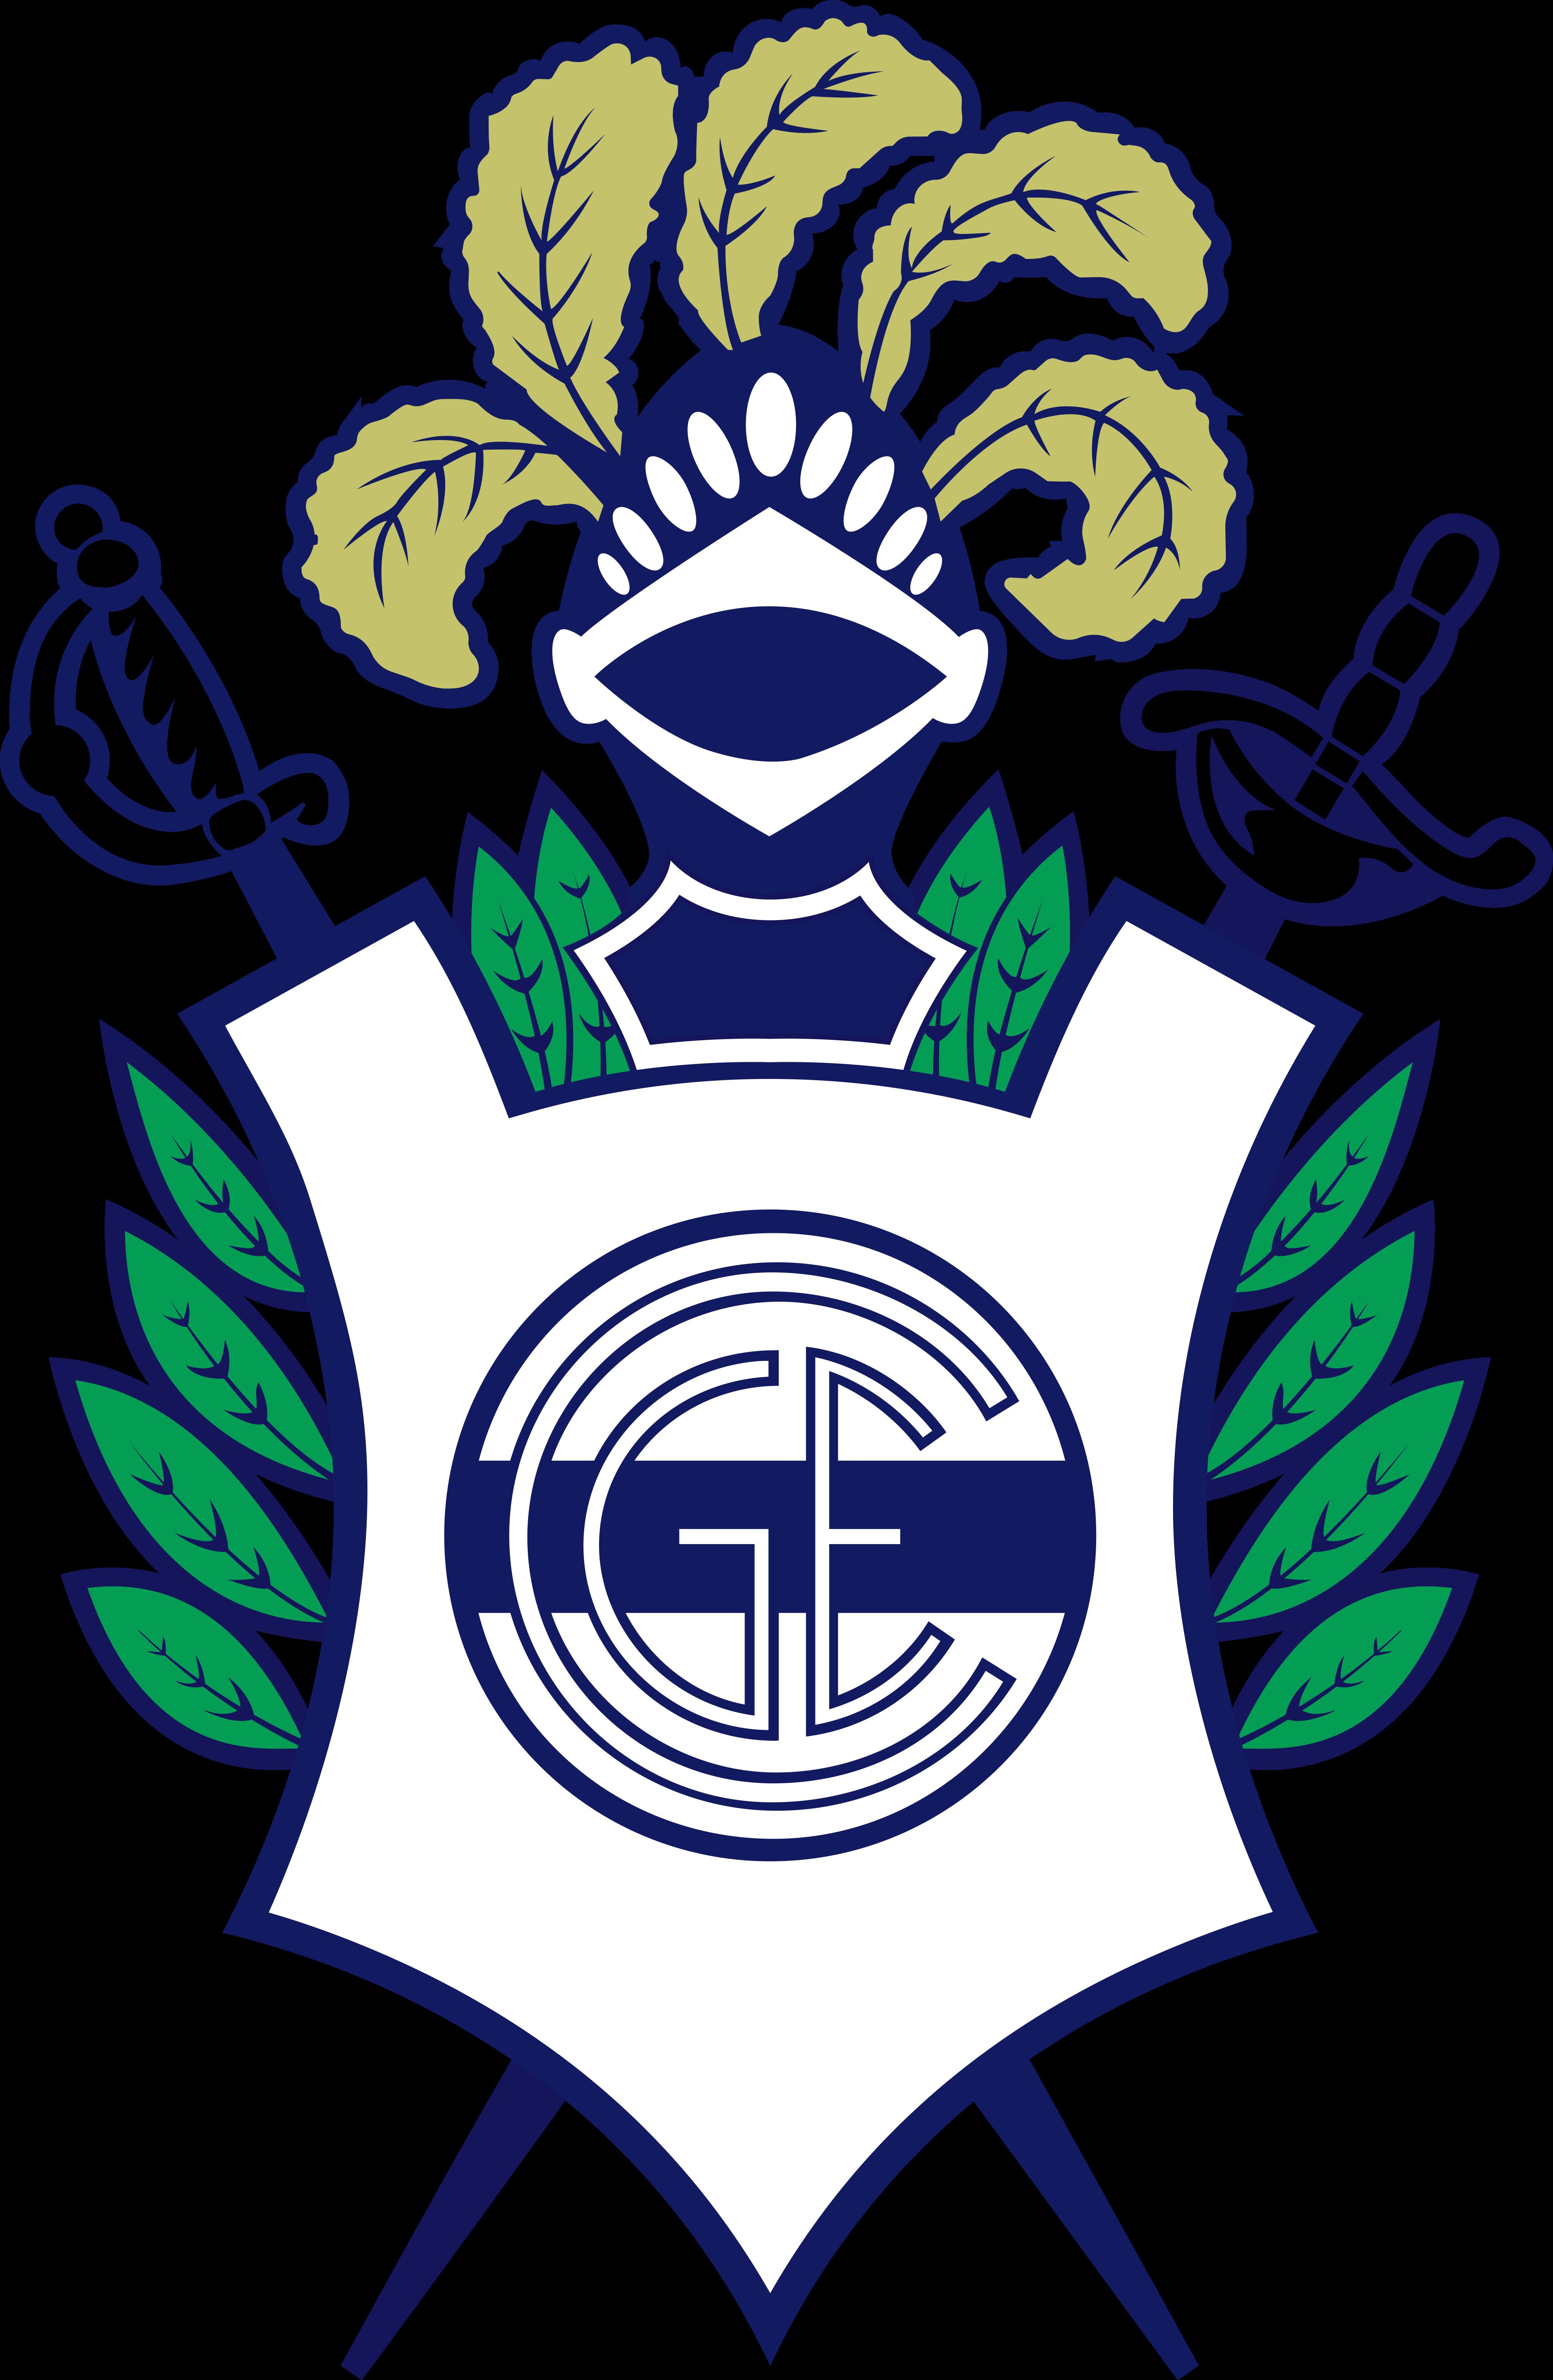 Gimnasia y Esgrima La Plata Logo.